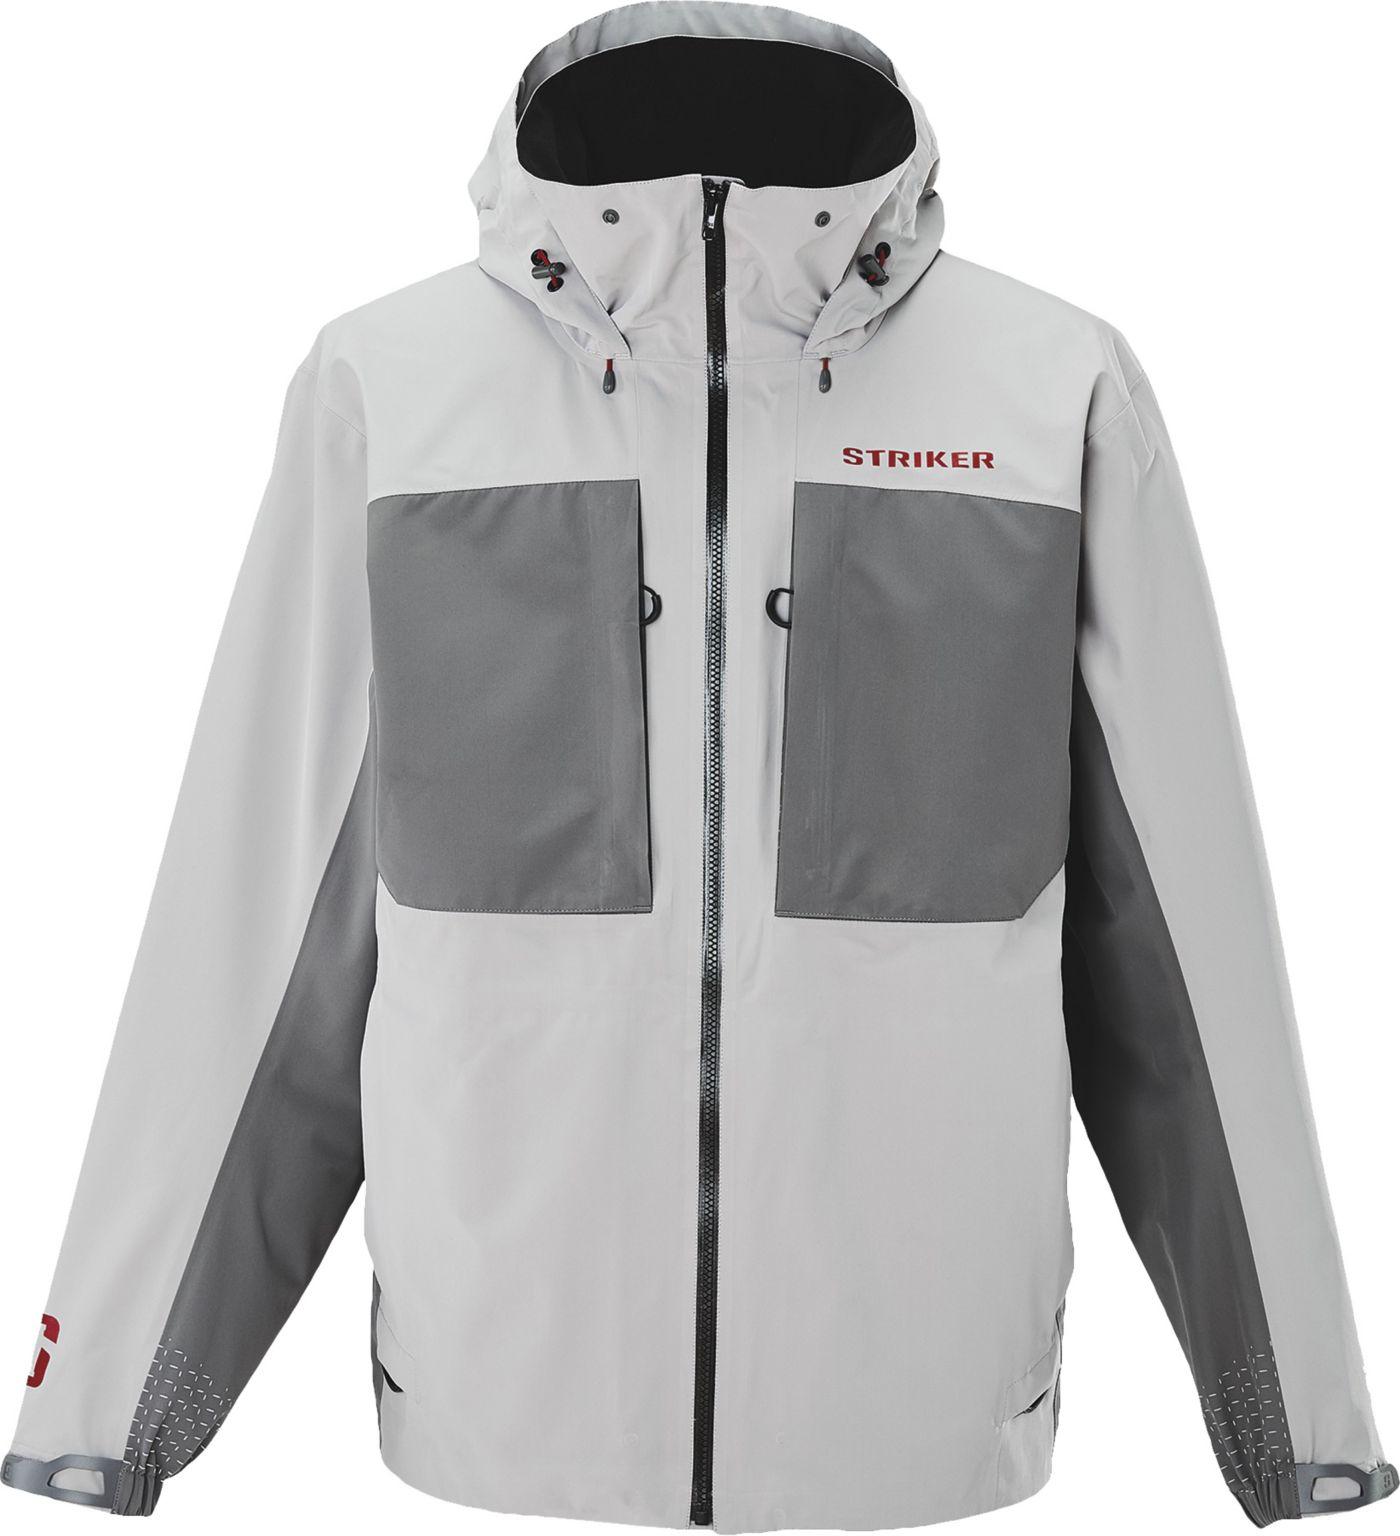 Men's Striker eVolve Jacket